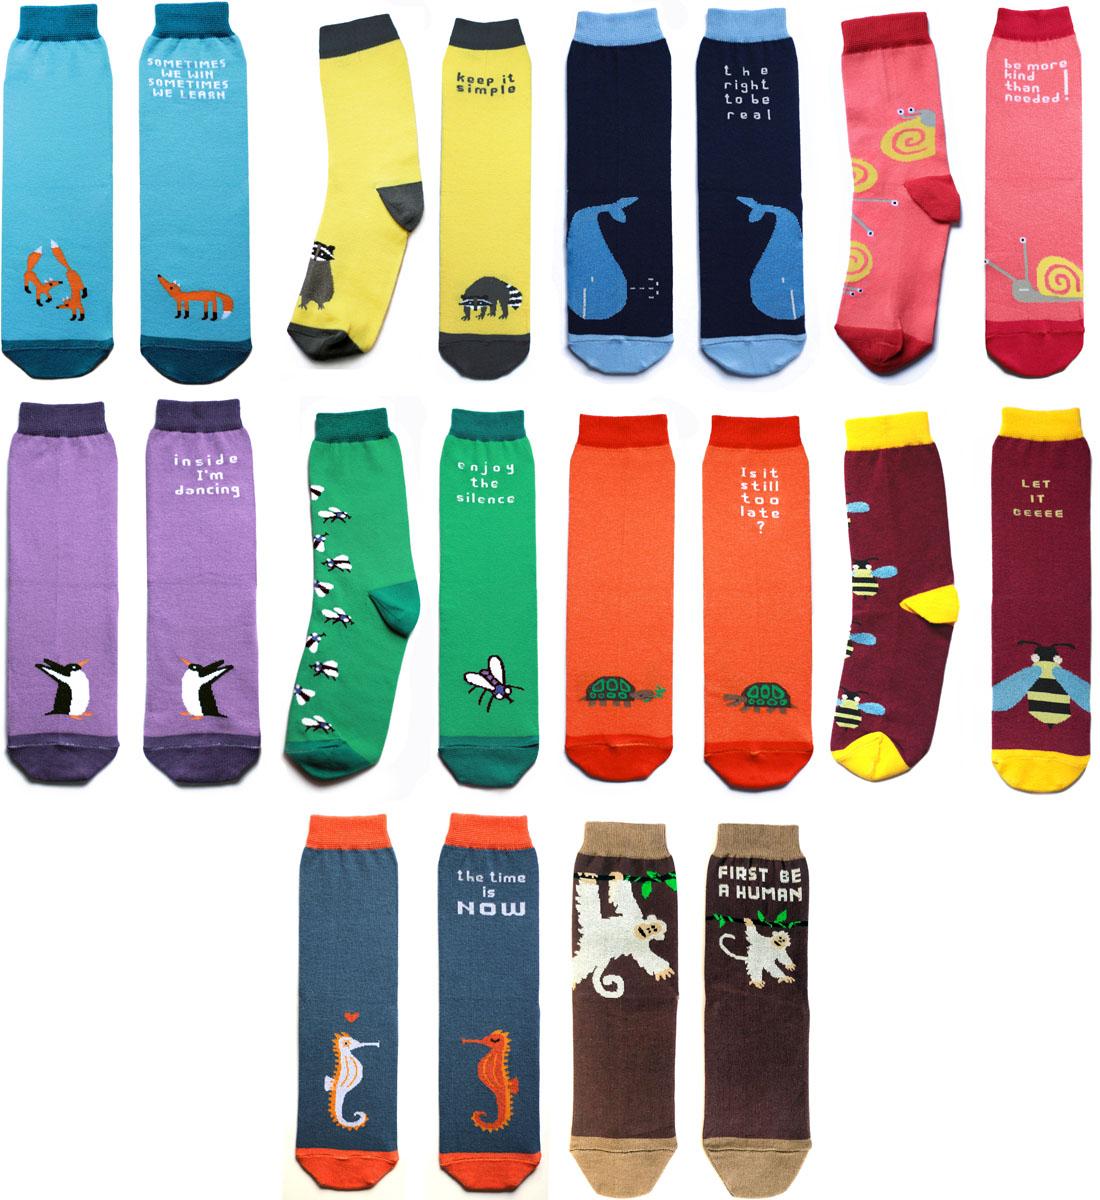 Комплект носков Big Bang Socks , цвет: мультиколор, 10 пар. p011031. Размер 40/44p0110Яркие носки Big Bang Socks выполнены из высококачественного хлопка с добавлением полиамида и эластана, которые обеспечивают отличнуюпосадку. В комплект входят 10 пар разноцветных носков с разными принтами.Модель оснащена эластичной резинкой, которая плотно облегает ногу, не сдавливая ее, обеспечивает удобство.Комплект упакован в фирменную коробку.